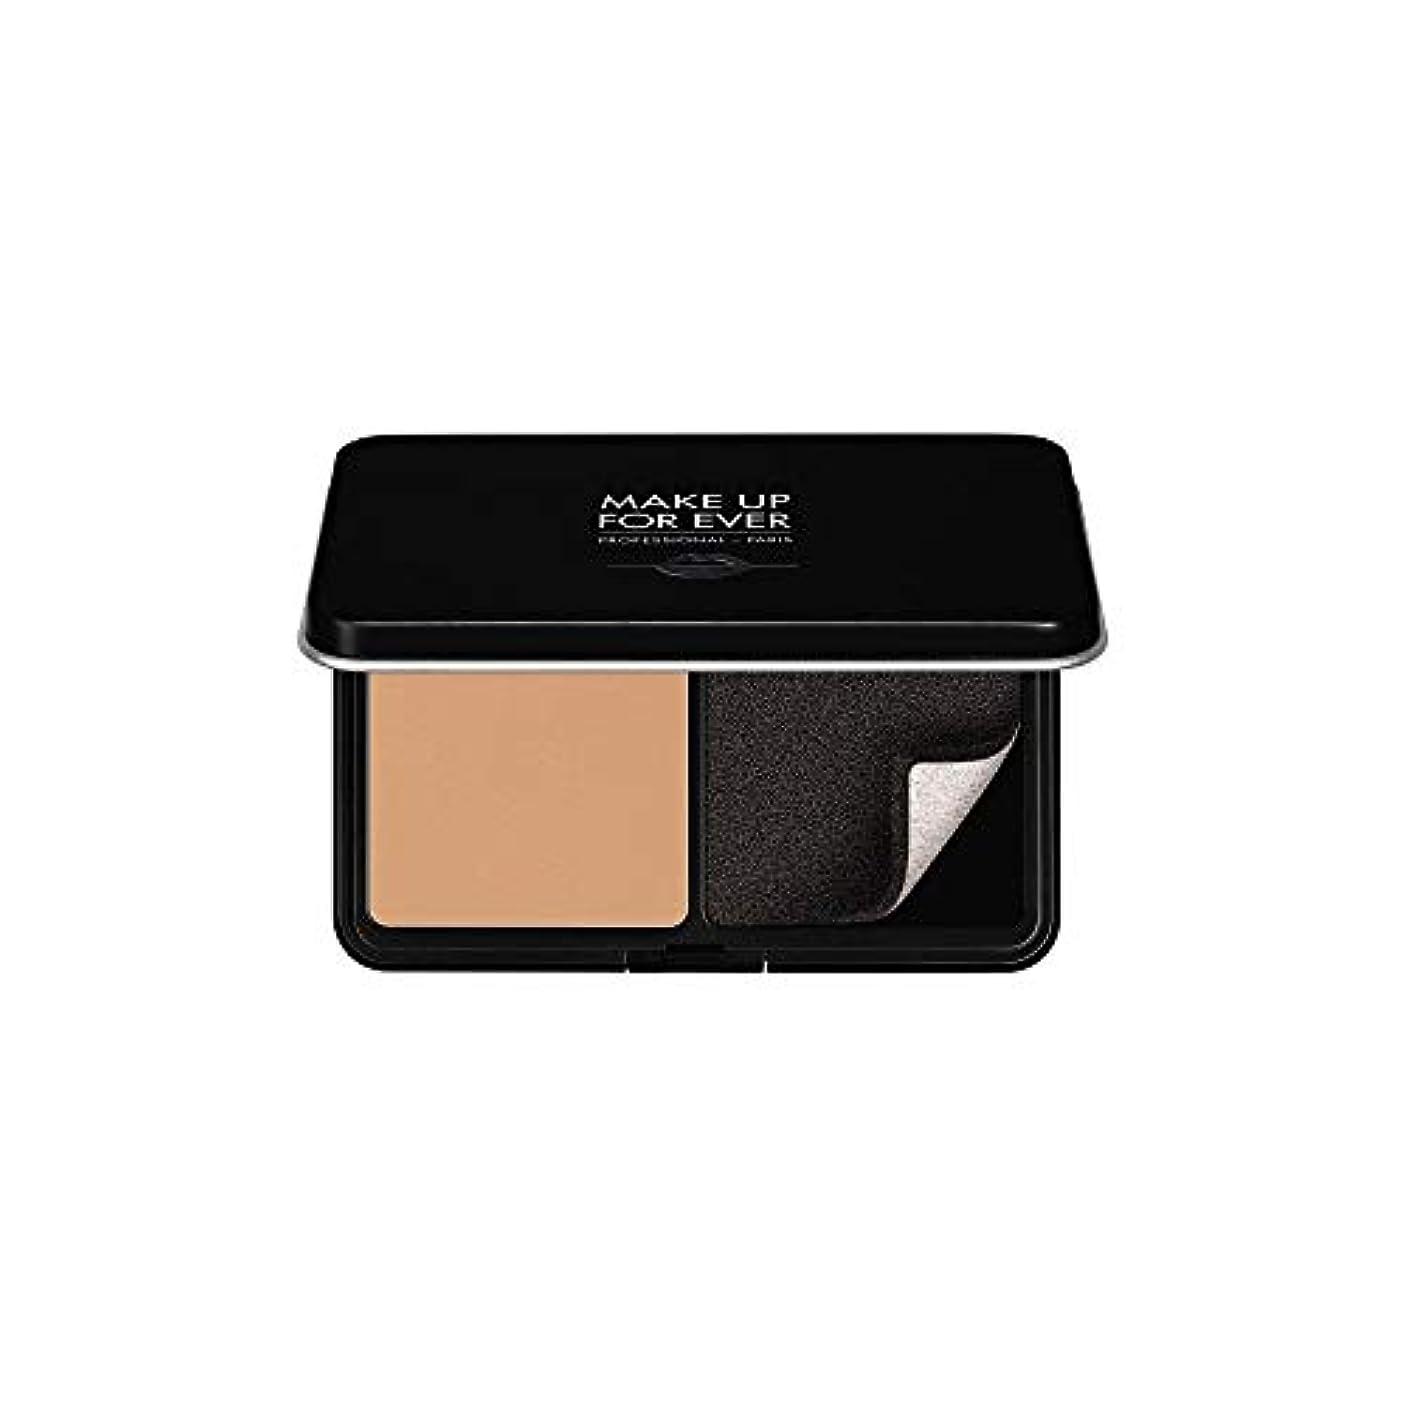 委託列挙する襟メイクアップフォーエバー Matte Velvet Skin Blurring Powder Foundation - # Y345 (Natural Beige) 11g/0.38oz並行輸入品